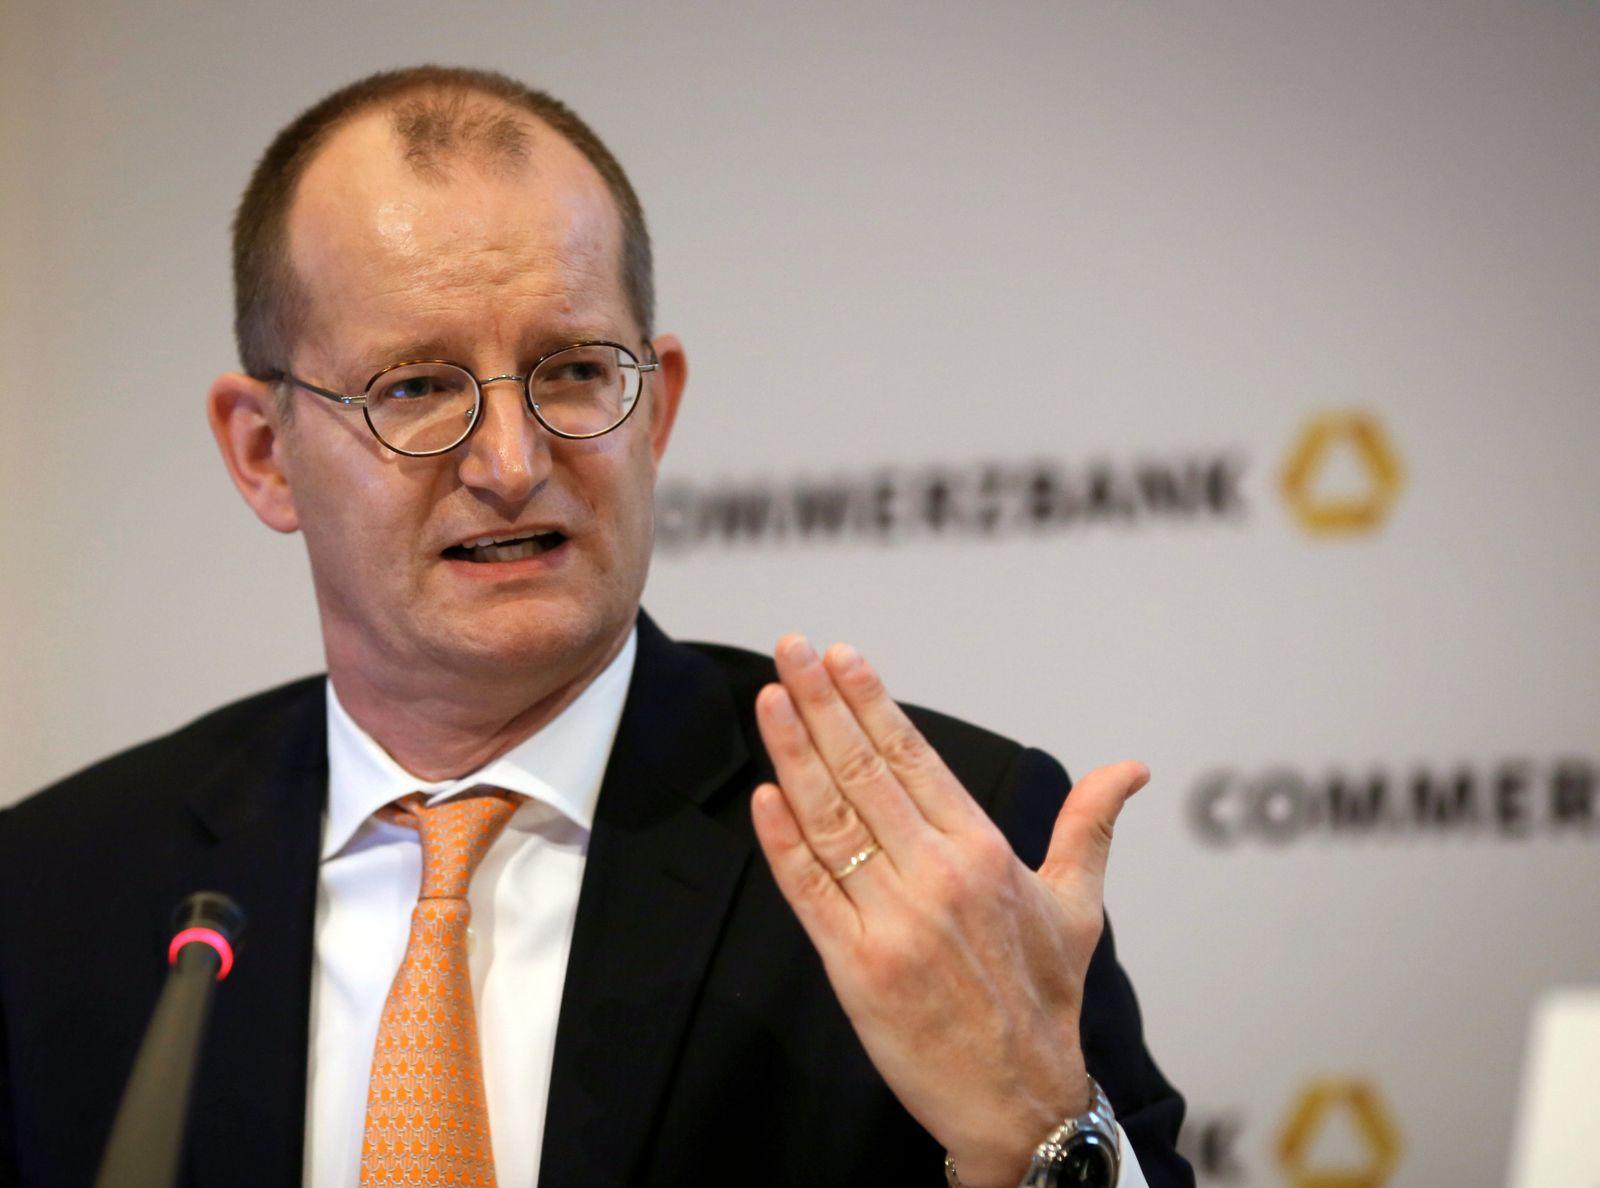 Martin Zielke/ Commerzbank